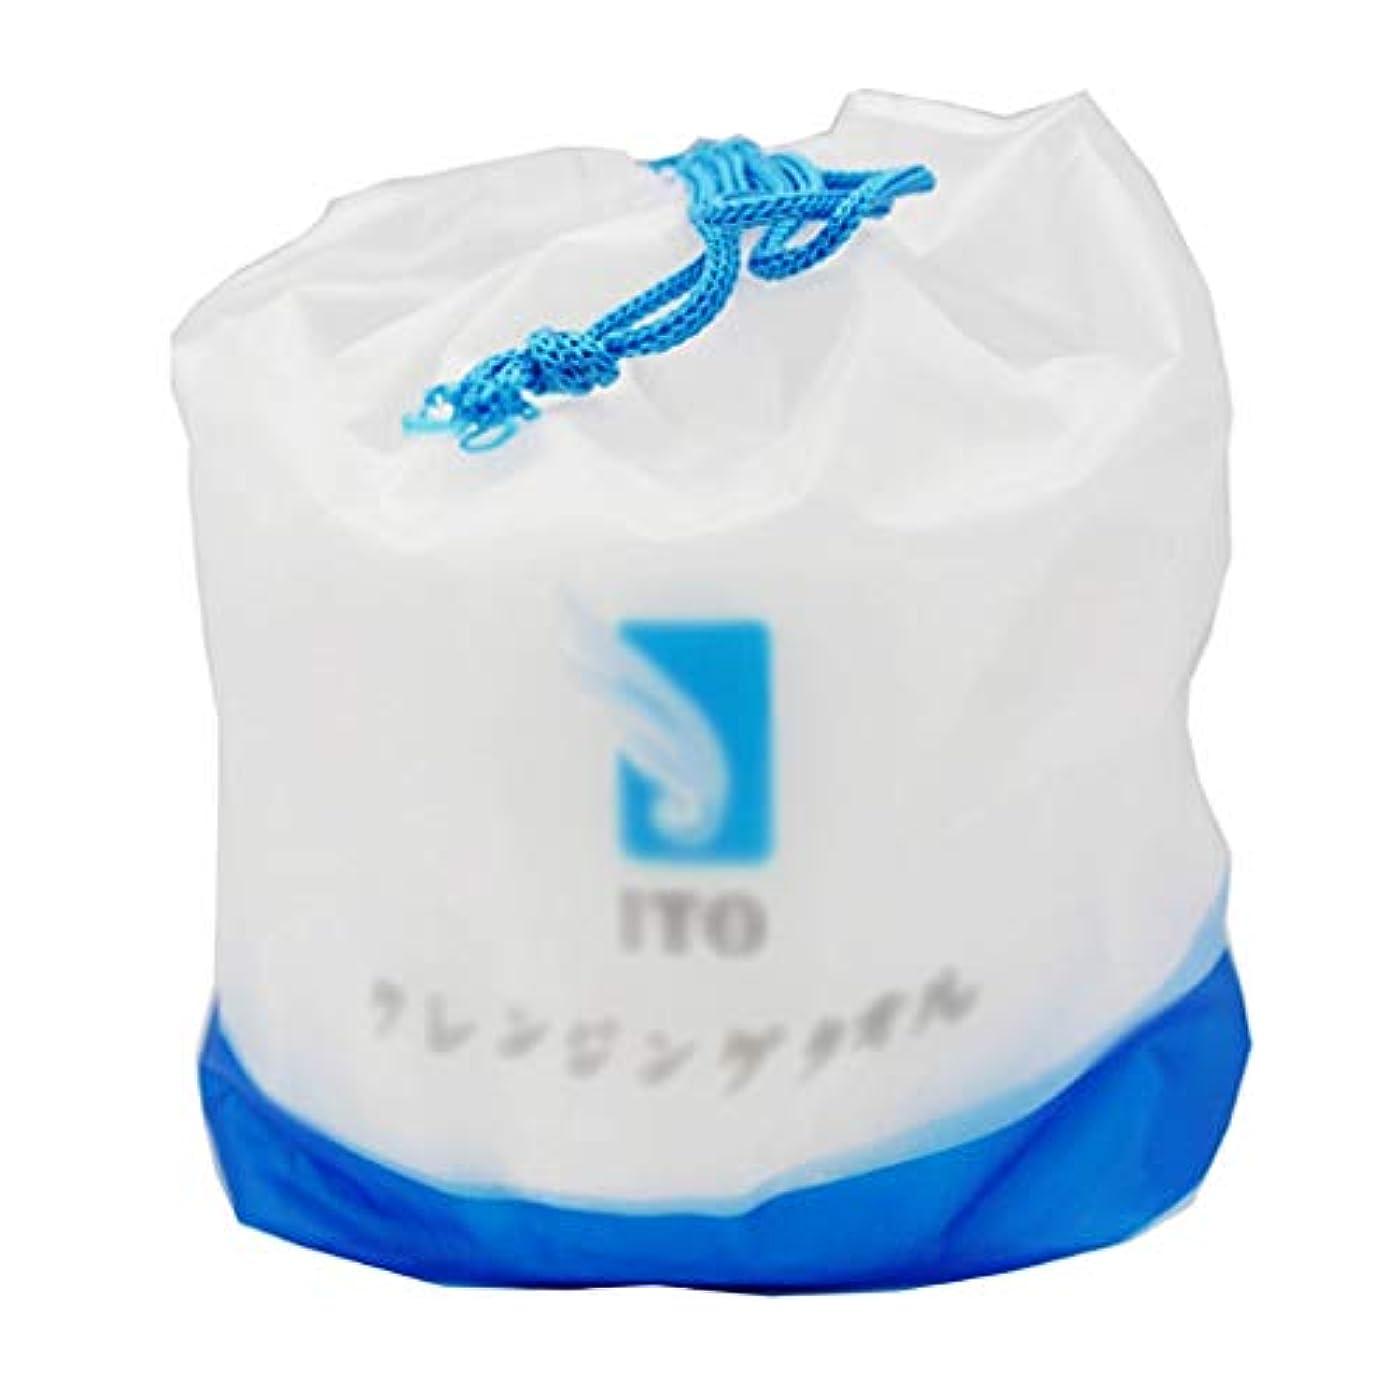 九時四十五分アームストロングオアシスクレンジングシート 綿美容フェイスタオル使い捨てクレンジングタオルタオルロール綿パッド女性の美容ツール多目的 (Color : White, サイズ : 20*25cm)